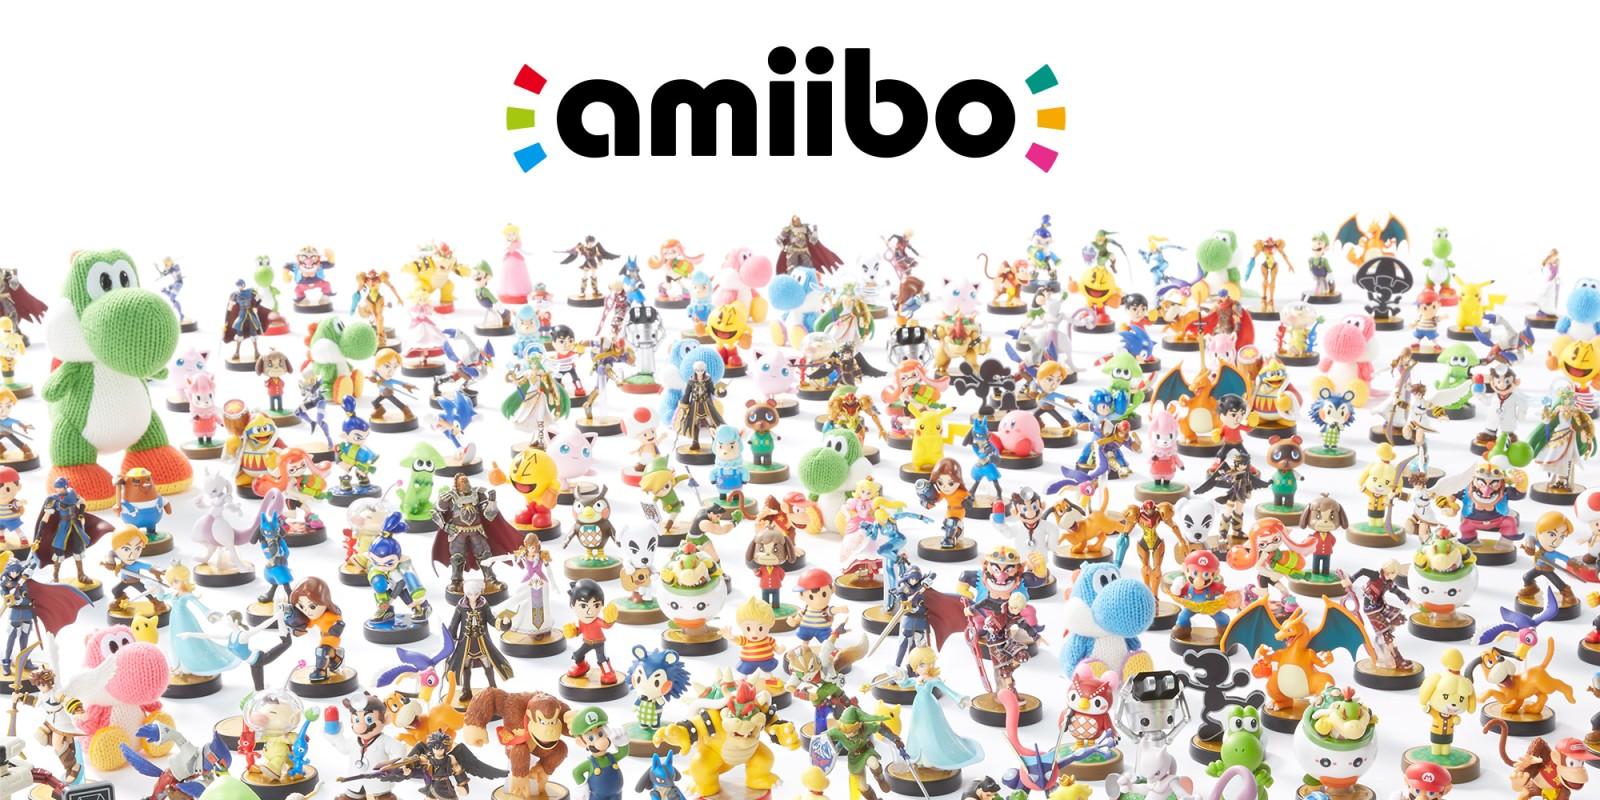 台湾男子倒卖盗版任天堂Amiibo卡片:侵权市值达300万新台币